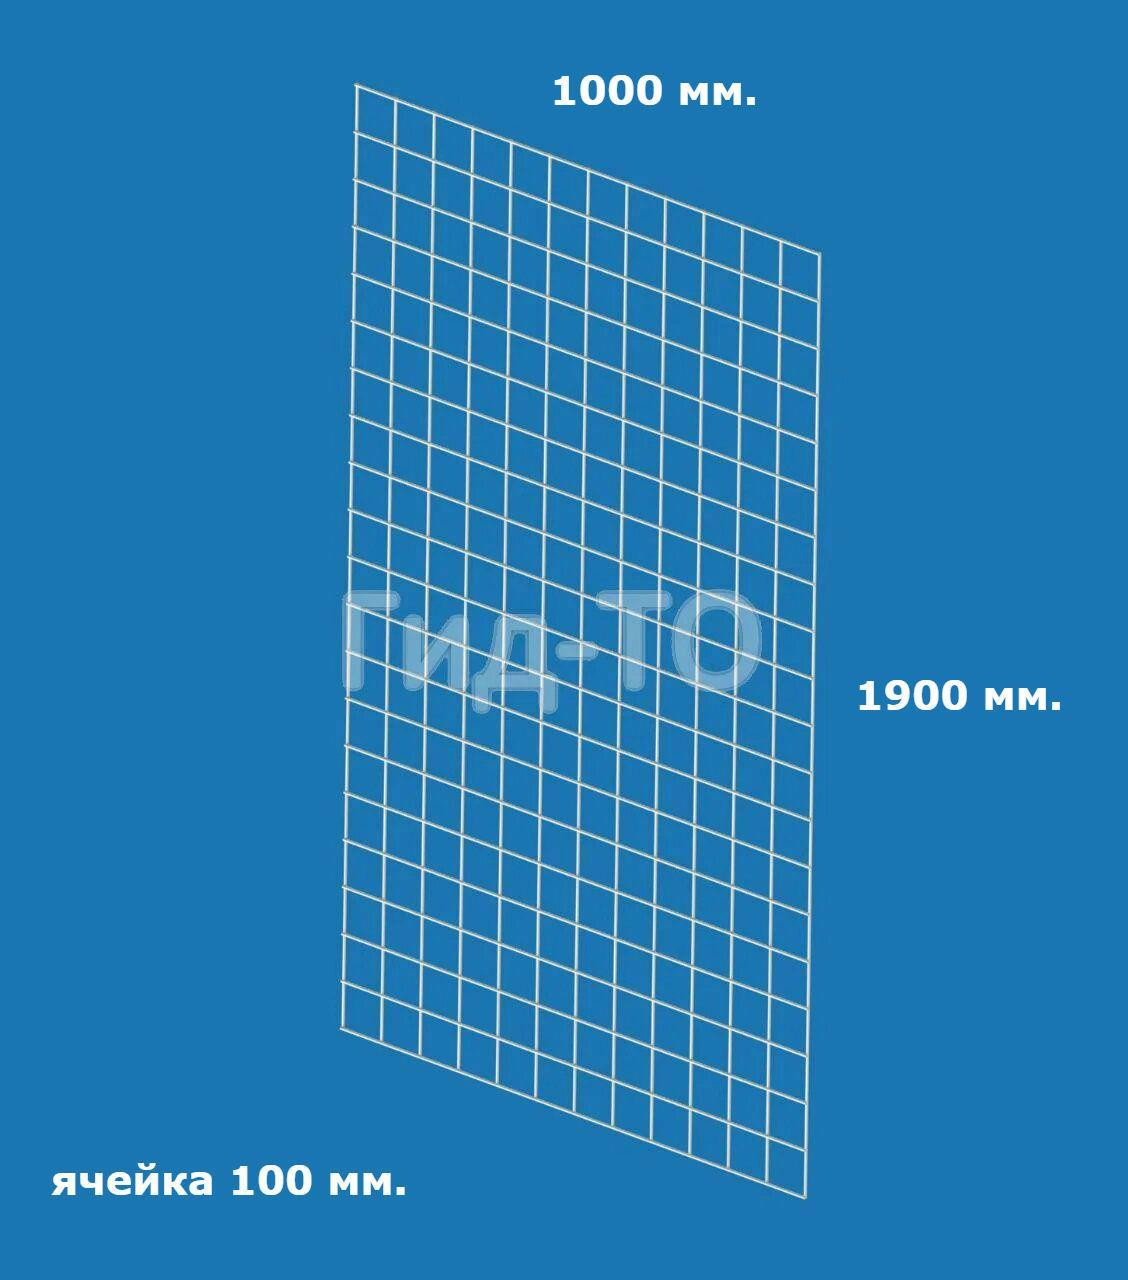 Сетка торговая (1900х1000) ячейка 100 мм.